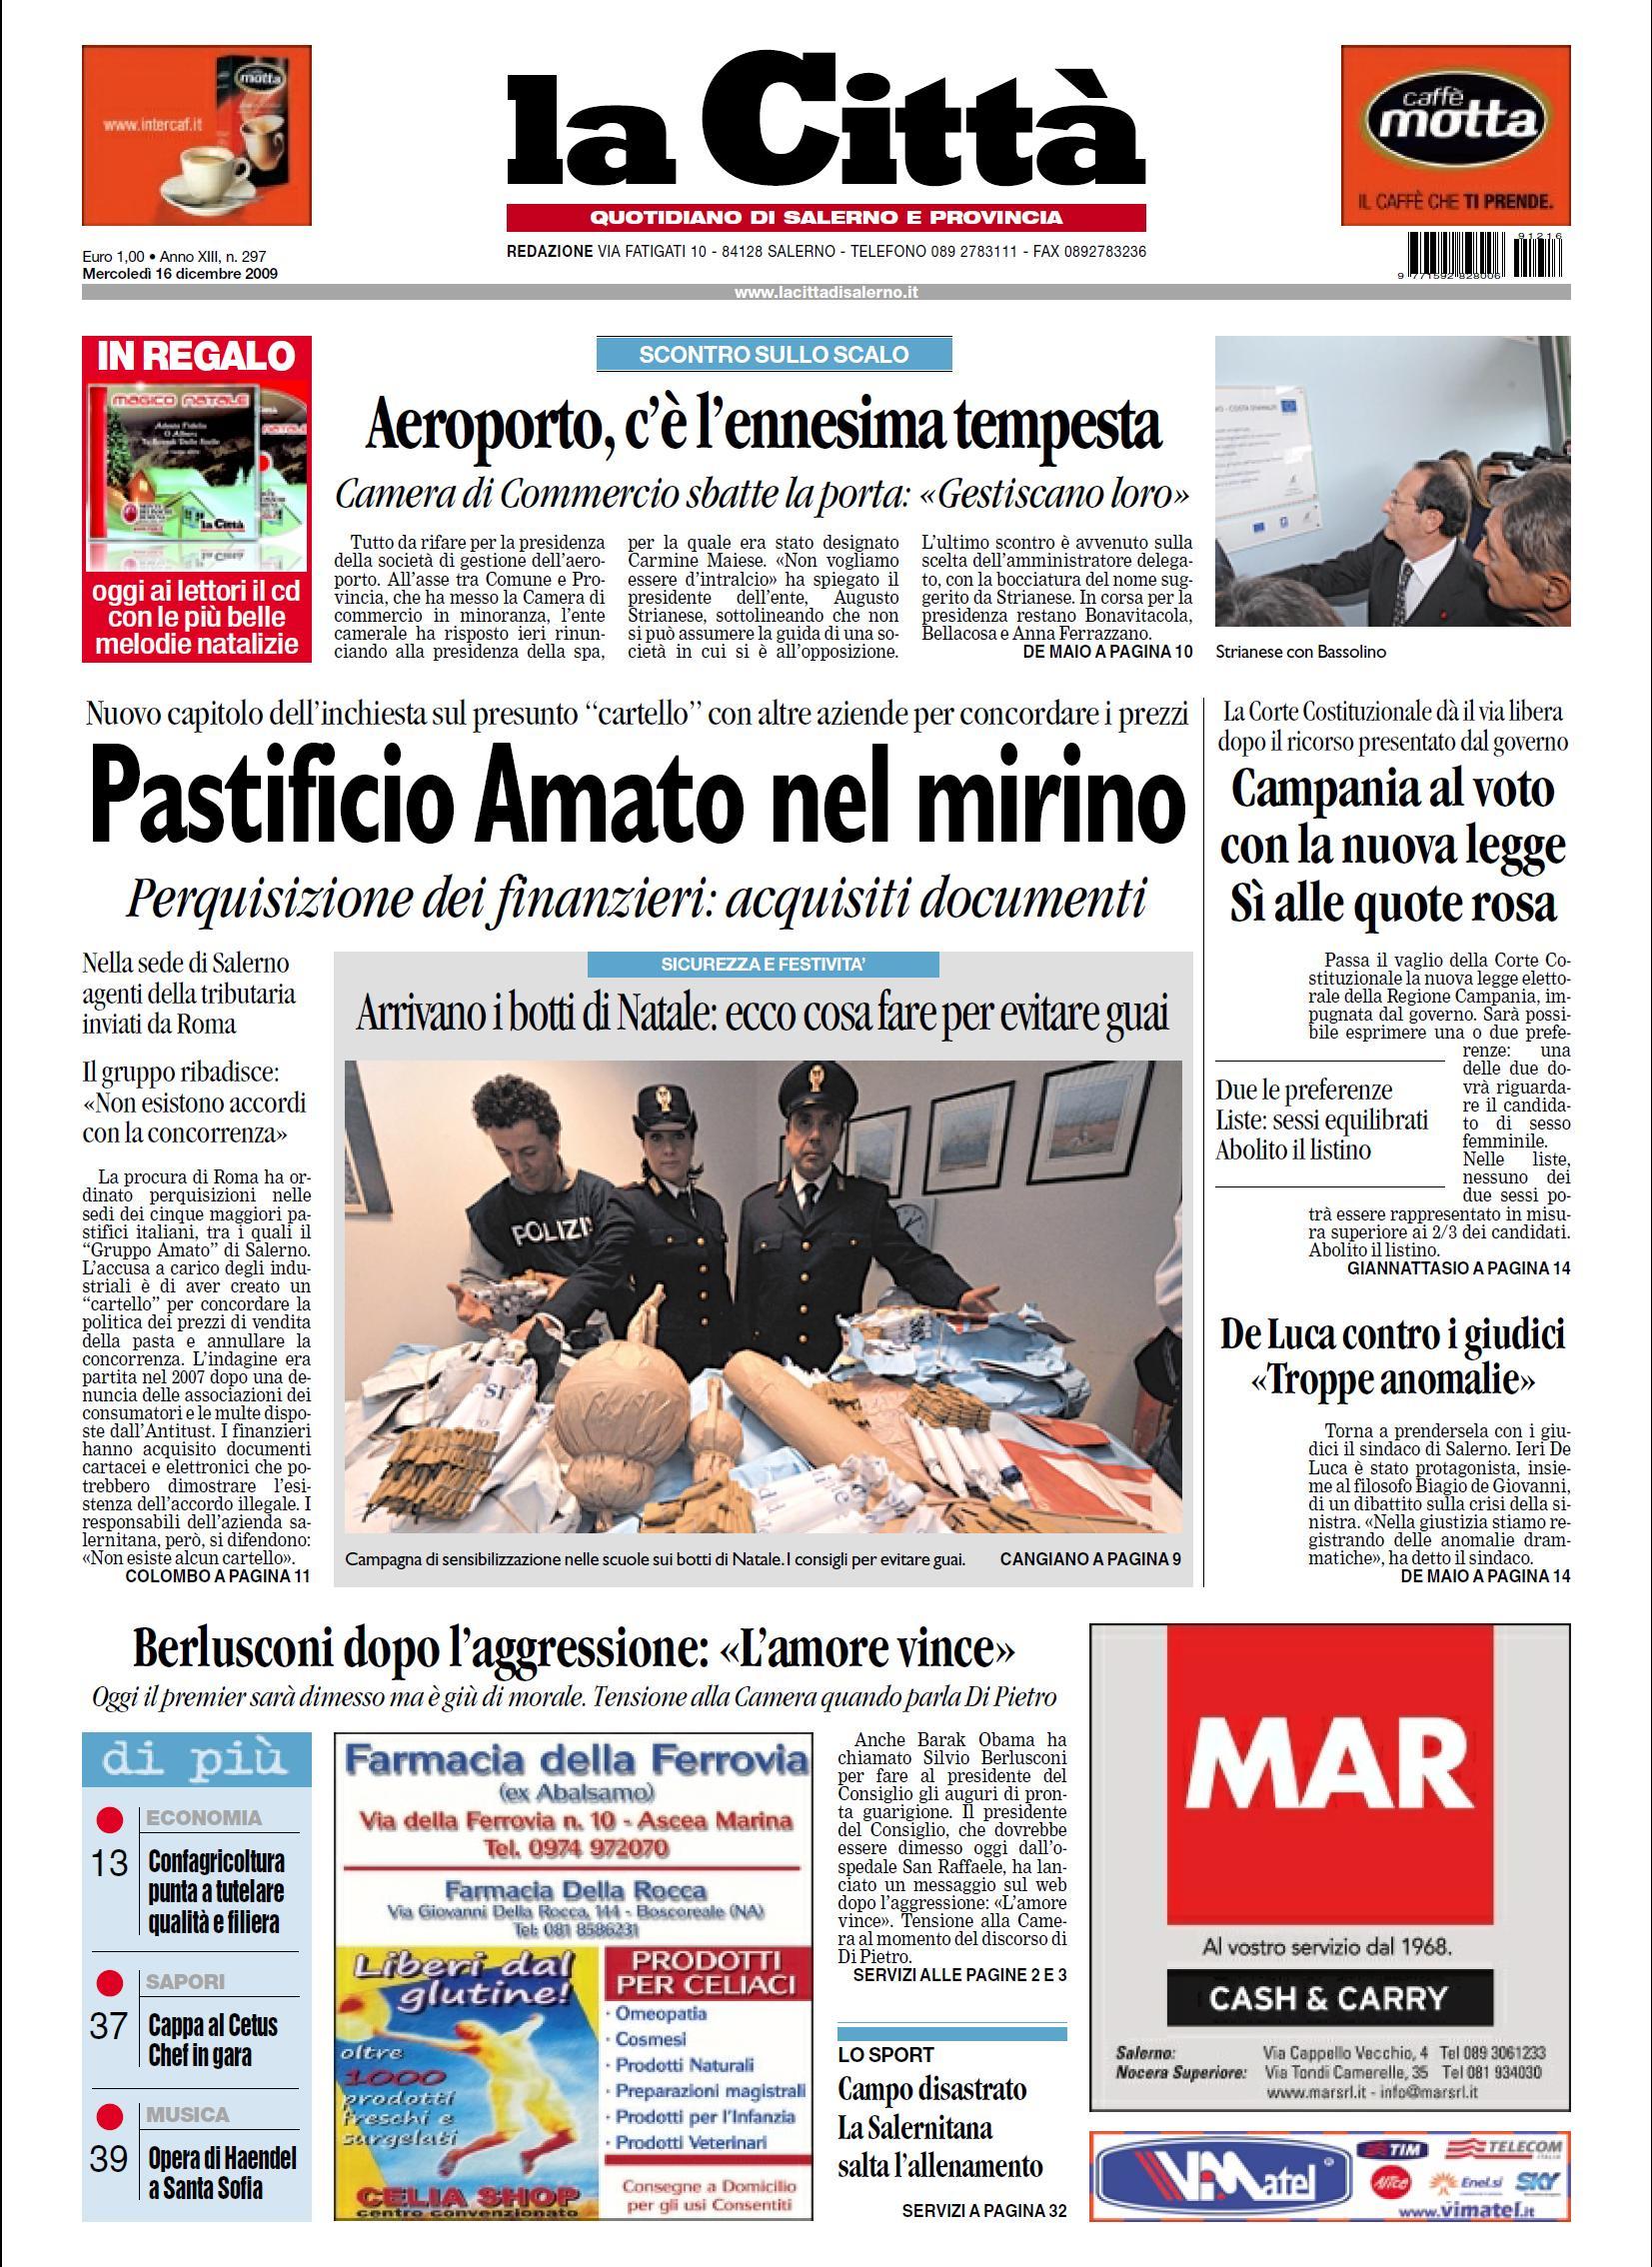 LA CITTA DI SALERNO 16 DICEMBRE 2009